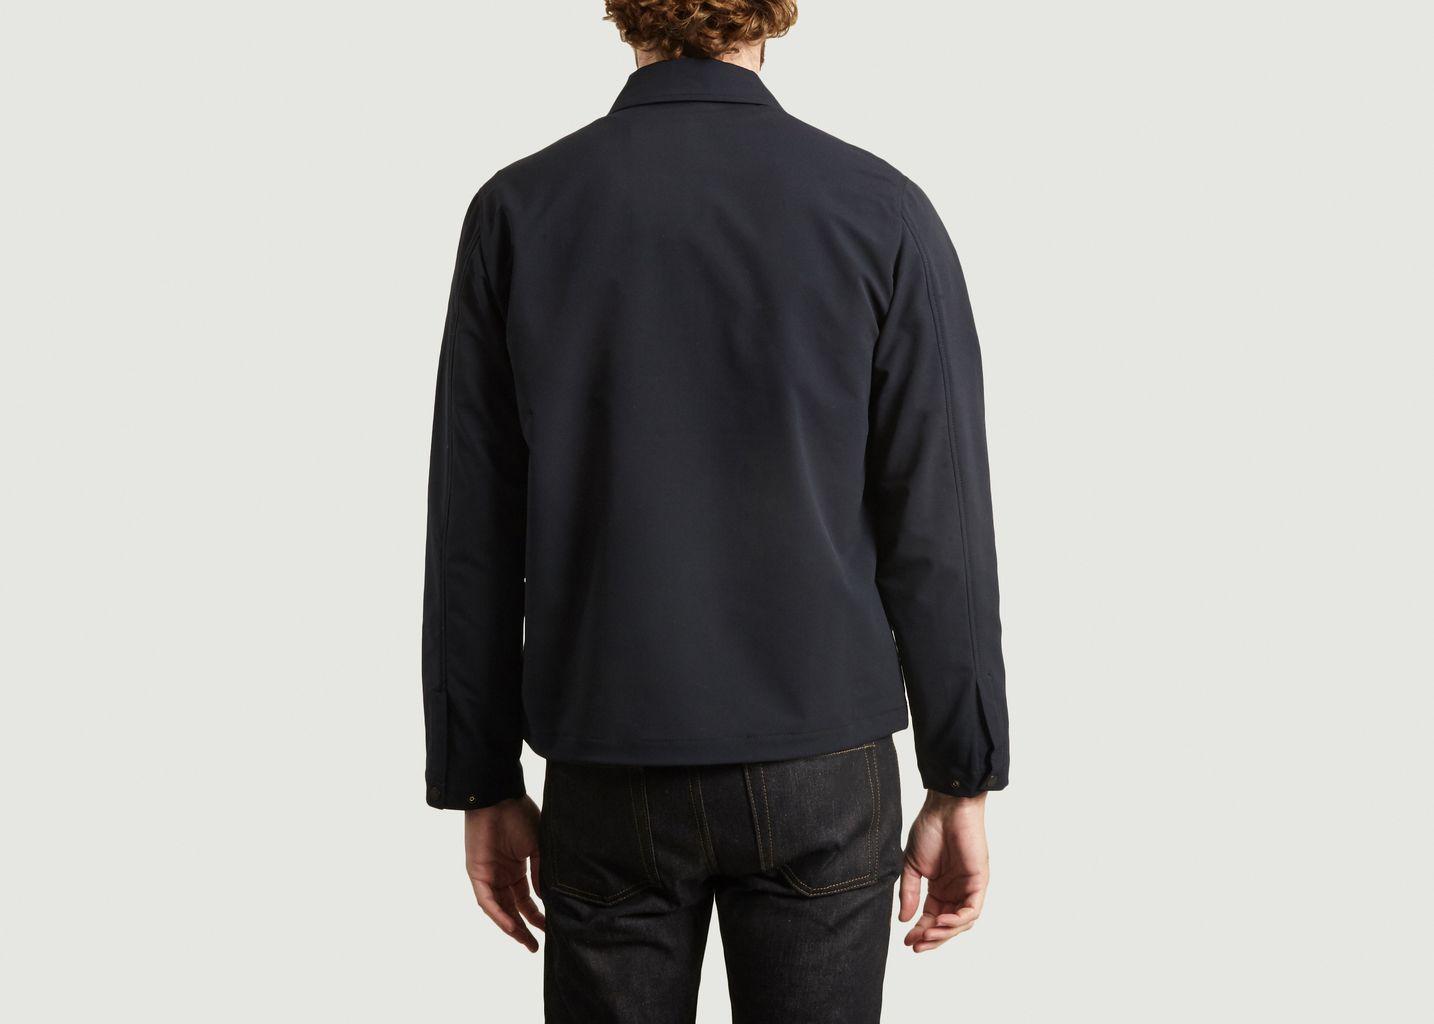 Veste zippée à poches Skive Travel - Norse Projects